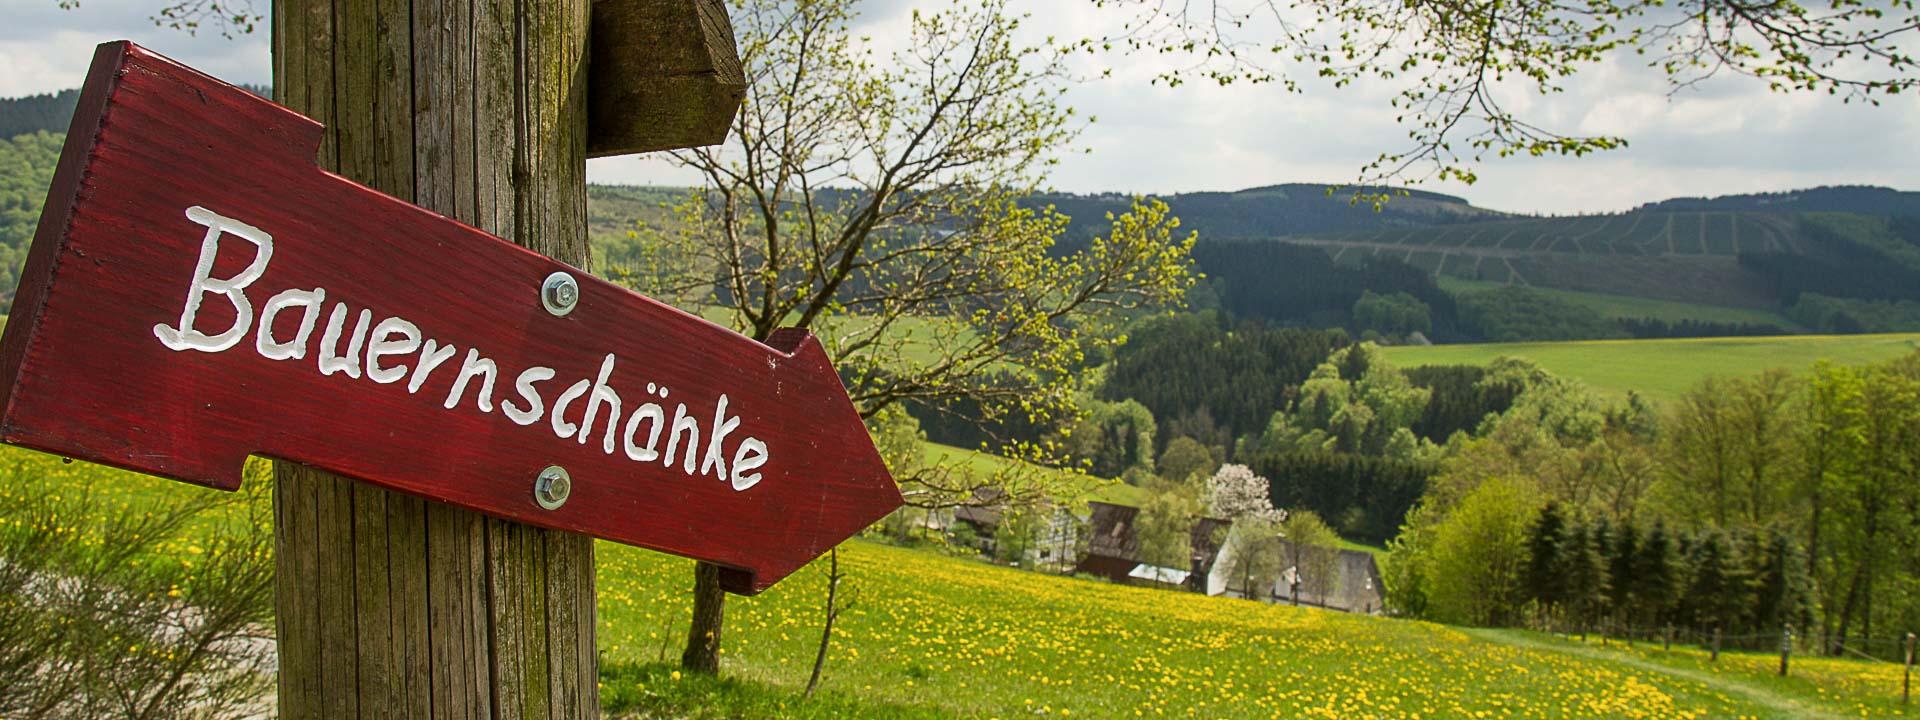 Bauernschänke in Ohlenbach